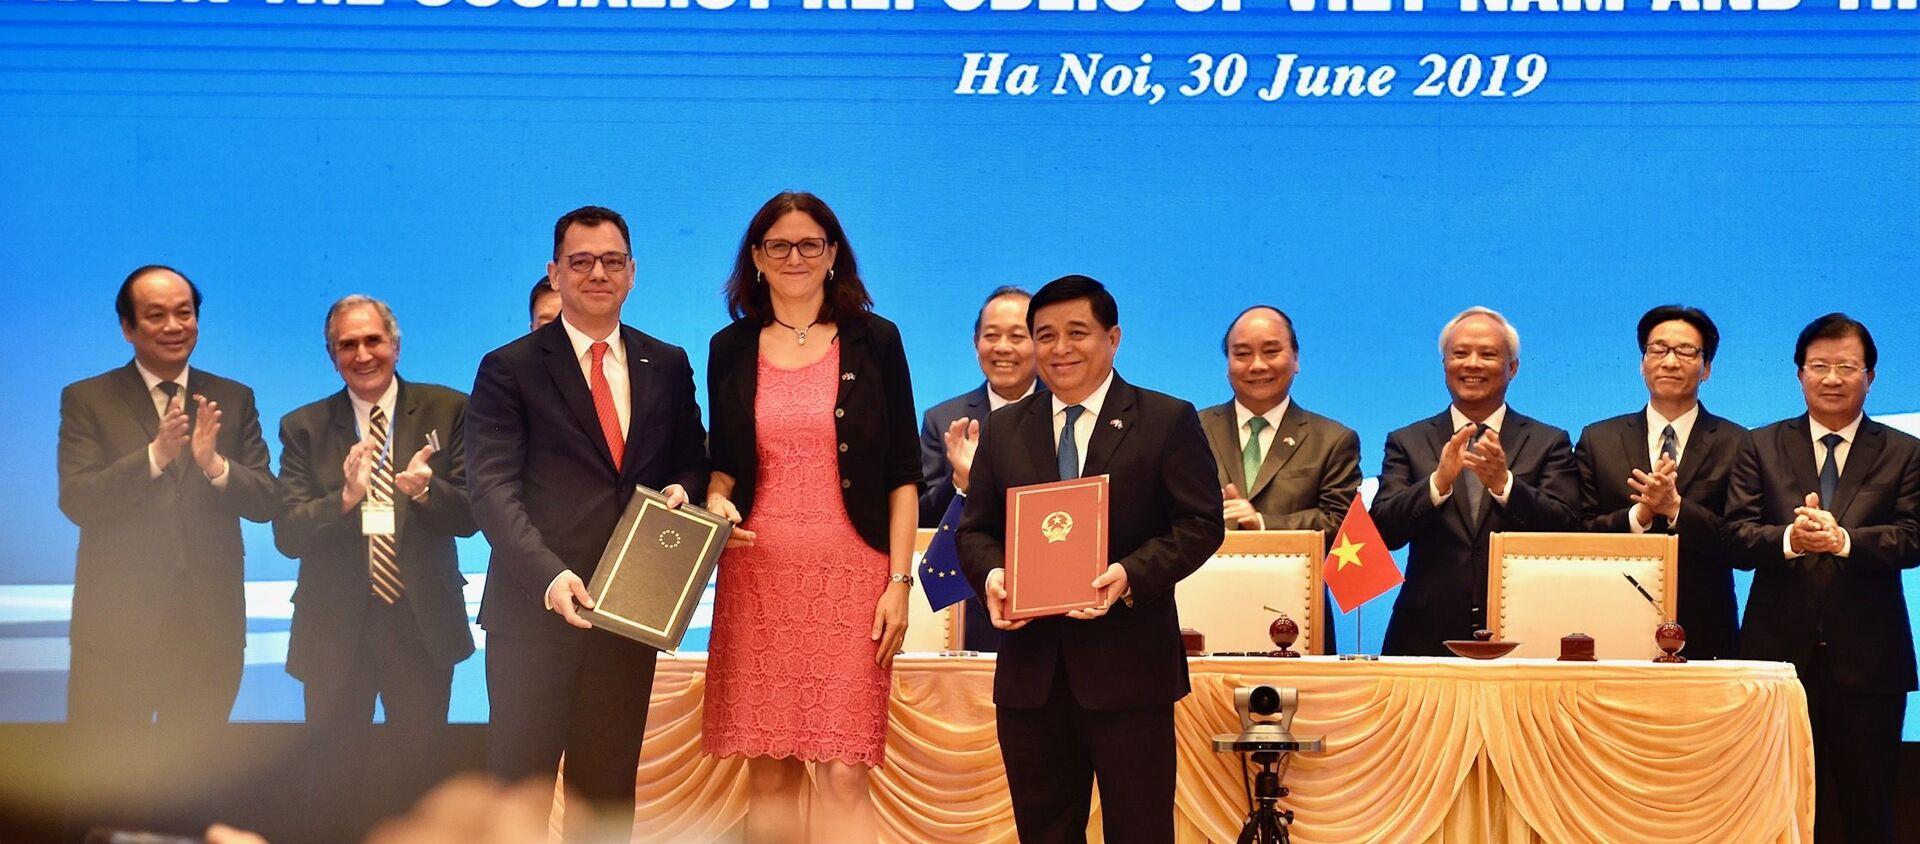 Chiều 30/6, tại Trụ sở Chính phủ, Thủ tướng Nguyễn Xuân Phúc chứng kiến lễ ký Hiệp định Thương mại tự do (EVFTA) và Hiệp định Bảo hộ Đầu tư (EVIPA) giữa Việt Nam và Liên minh Châu Âu - Sputnik Việt Nam, 1920, 31.03.2020